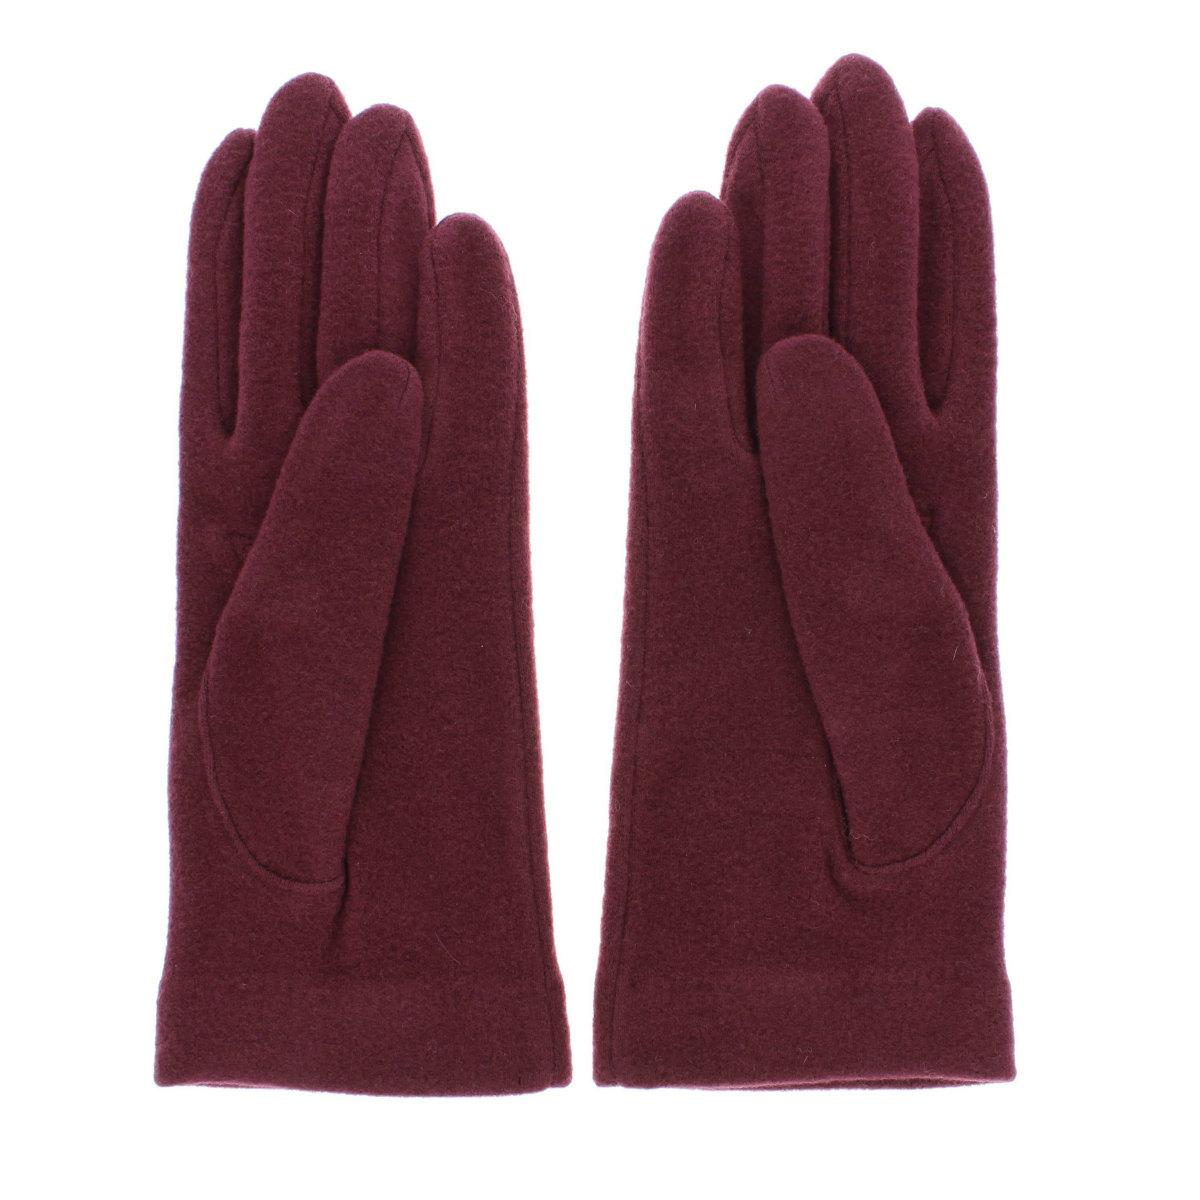 【SALE】DAKS シーズンモチーフ柄刺繍 アクリルテンセル ジャージ 婦人手袋 五本指  女性用21〜22cm(M)